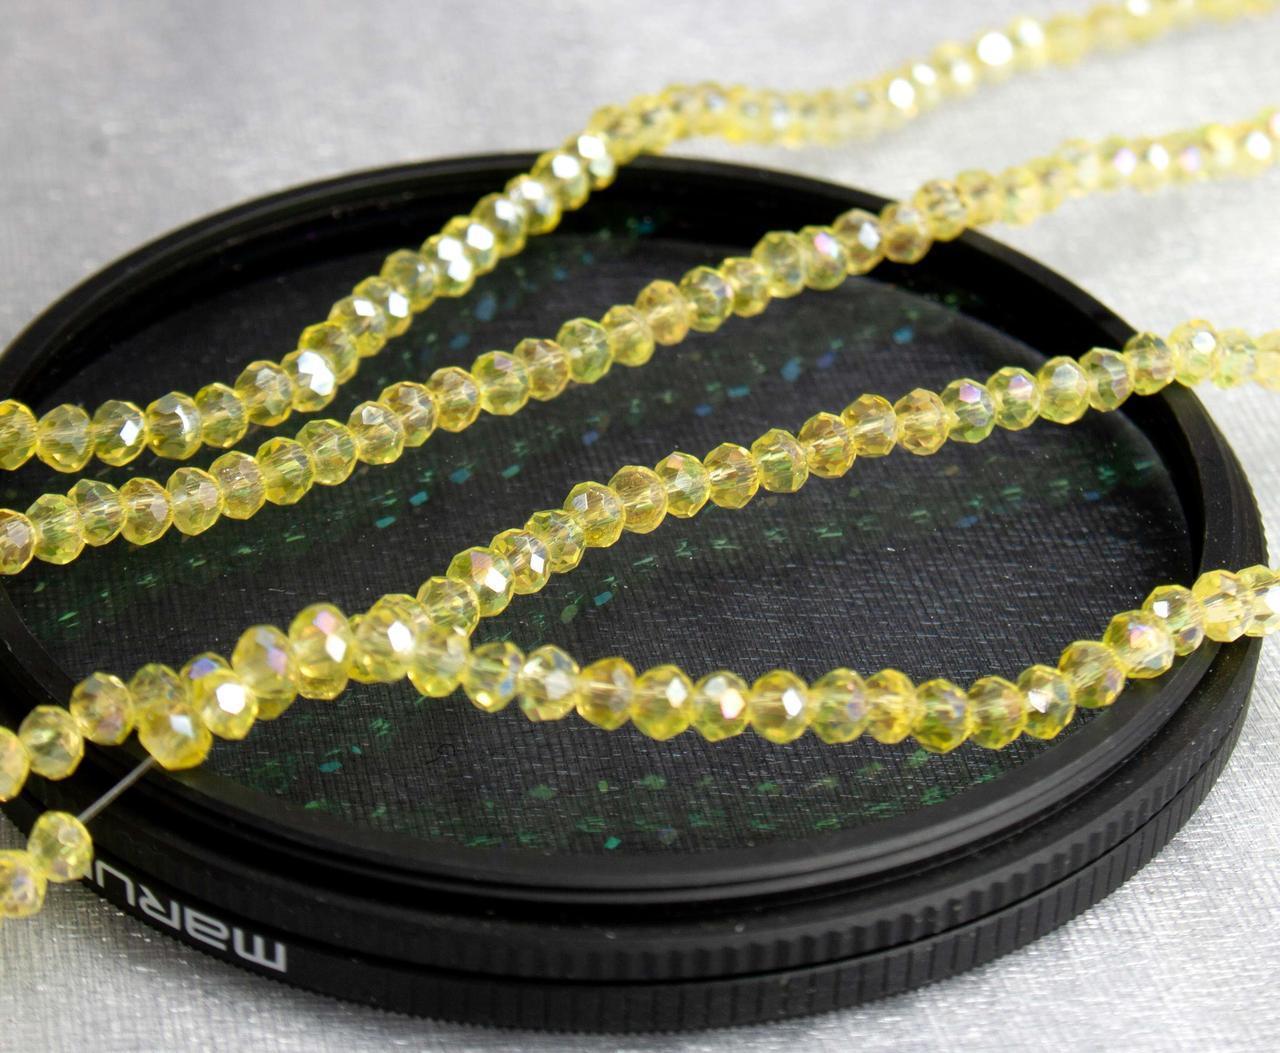 Кришталеві намистини 2х2мм кількість: 180-190 шт, жовтий прозорий з АБ